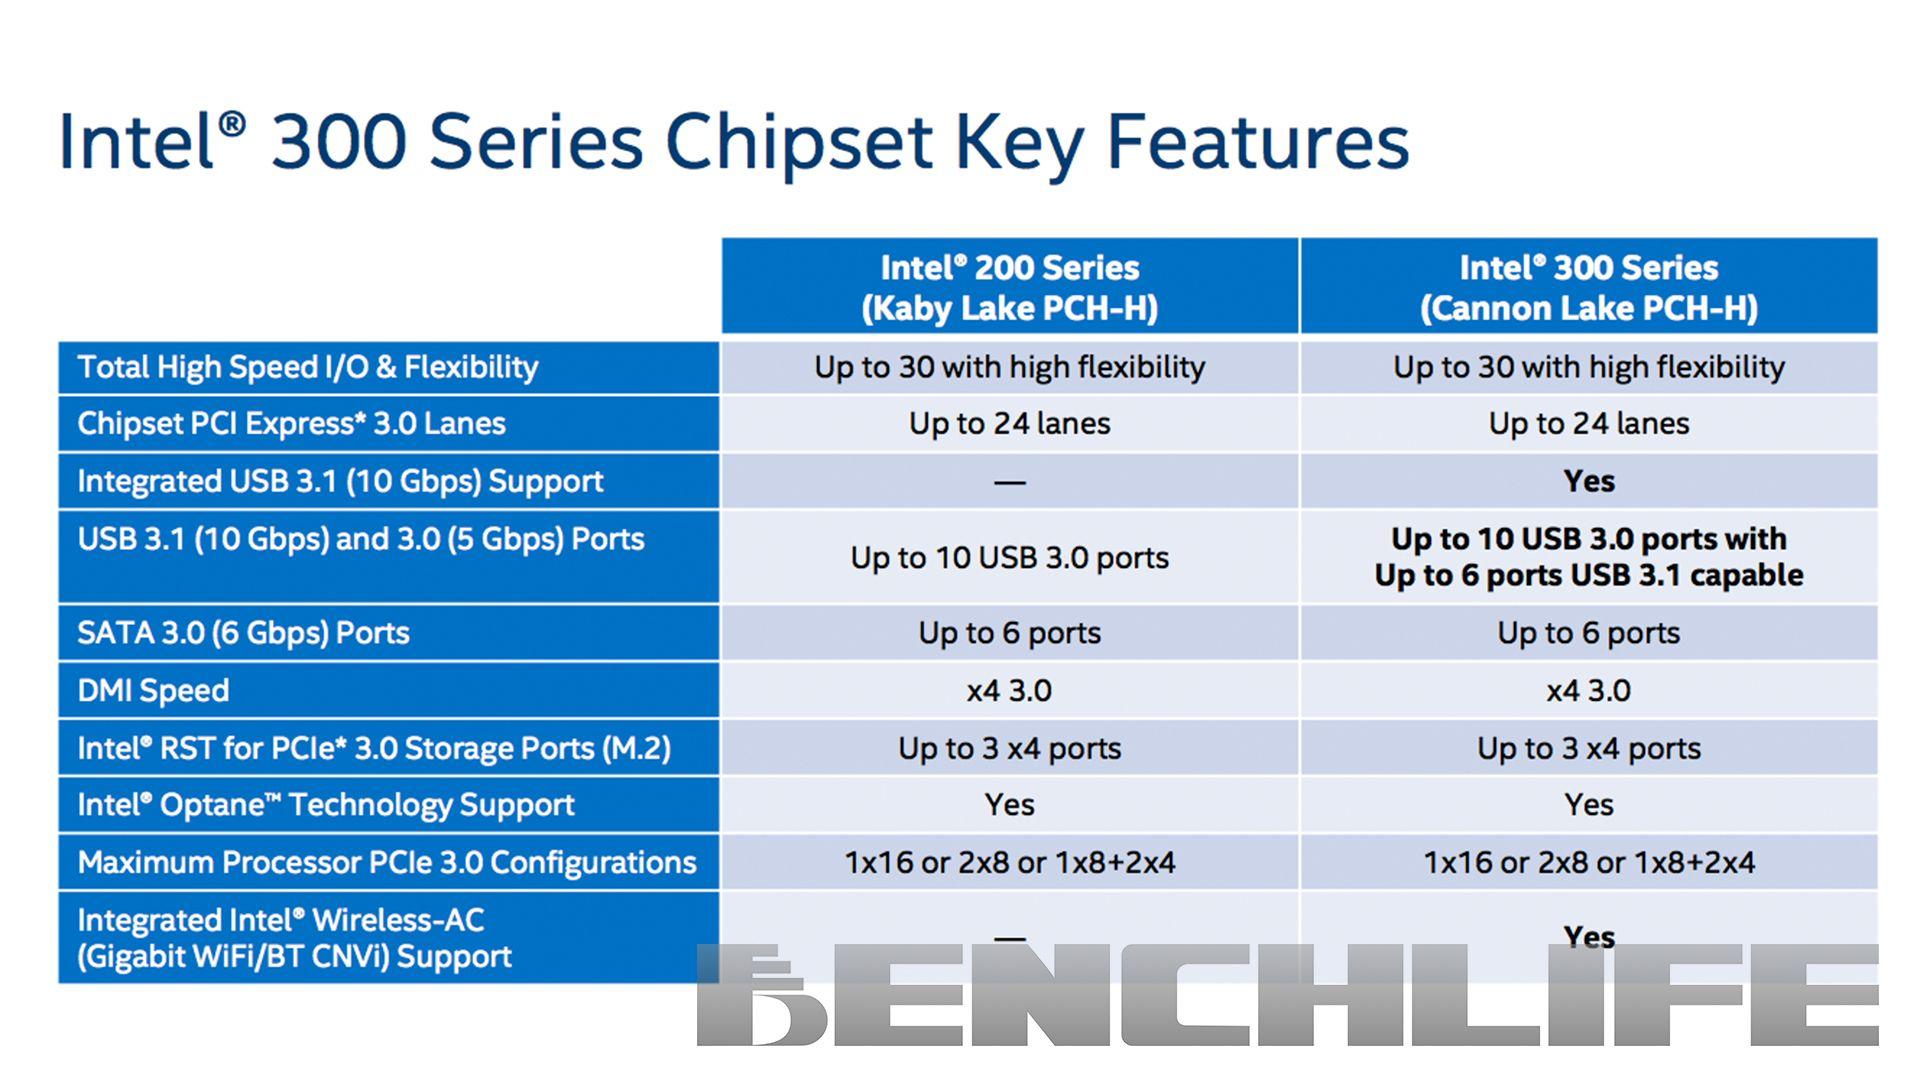 Intel 300 PCH